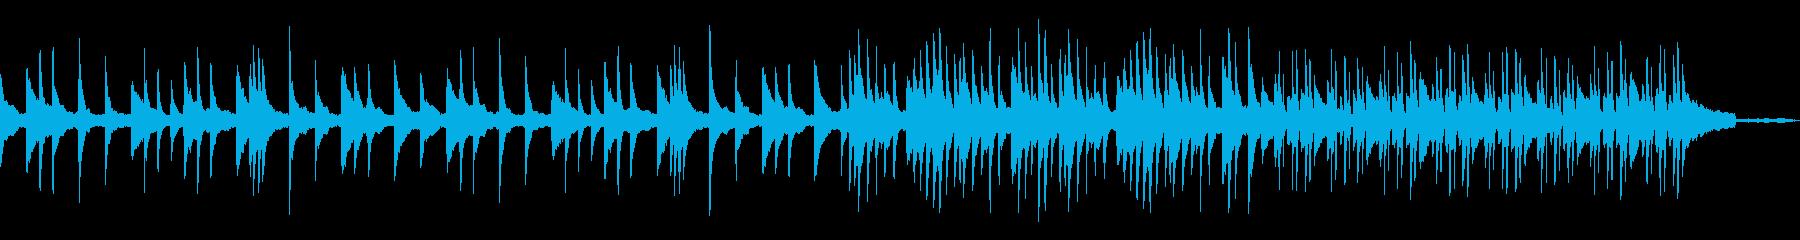 【ピアノソロ】穏やか優しい雰囲気ピアノ曲の再生済みの波形